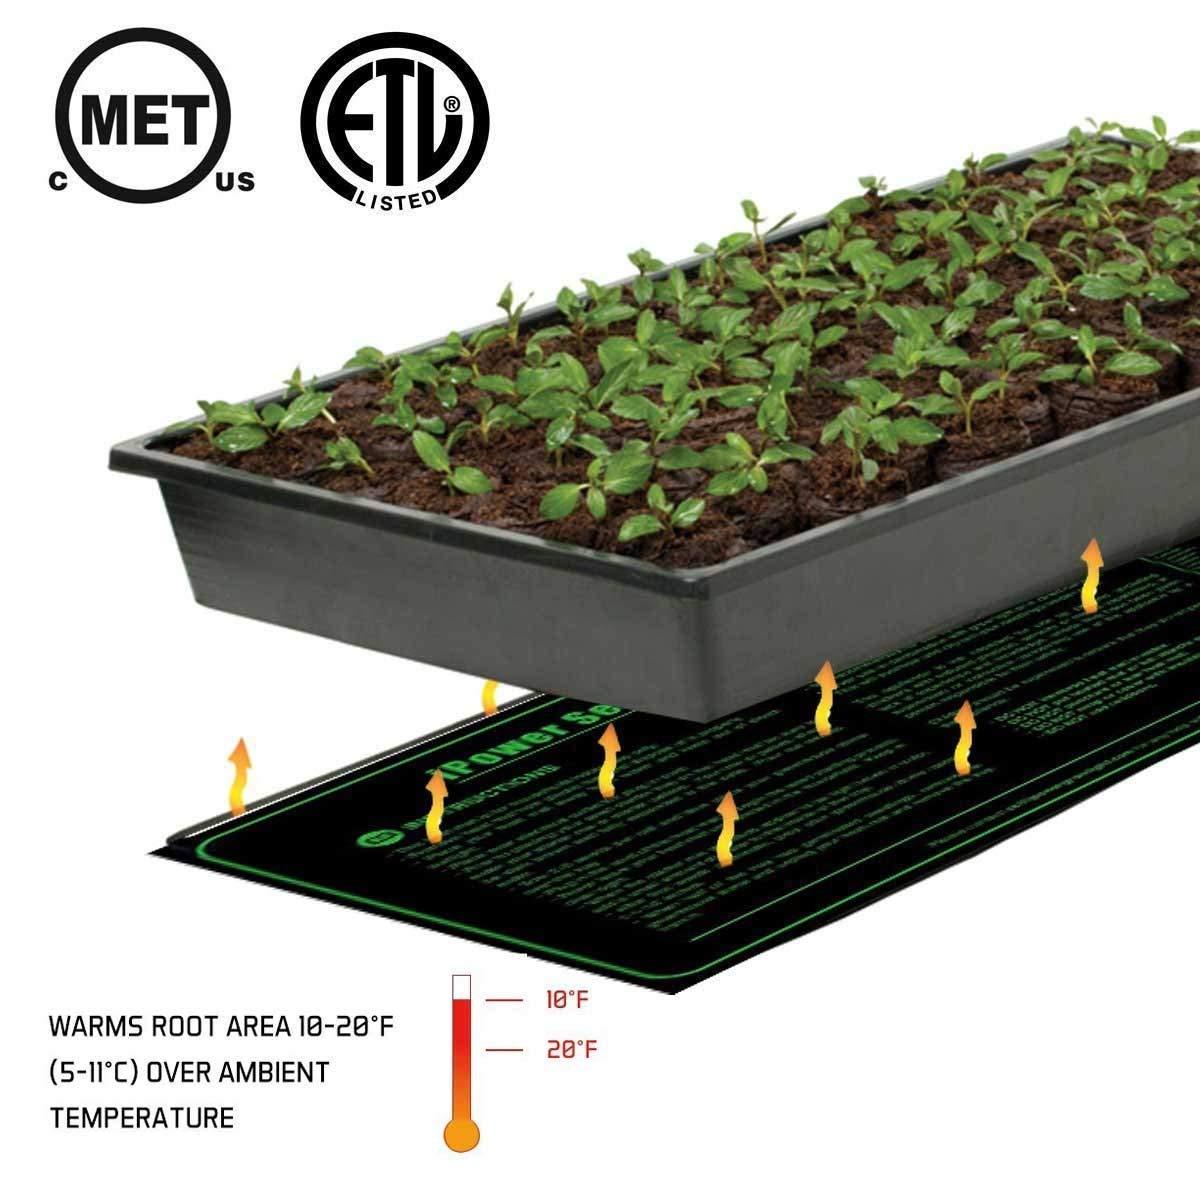 iPower GLHTMTLX2 2-Pack Durable Waterproof Seedling 48'' x 20'' Warm Hydroponic Heating Pad MET Standard, Black by iPower (Image #3)